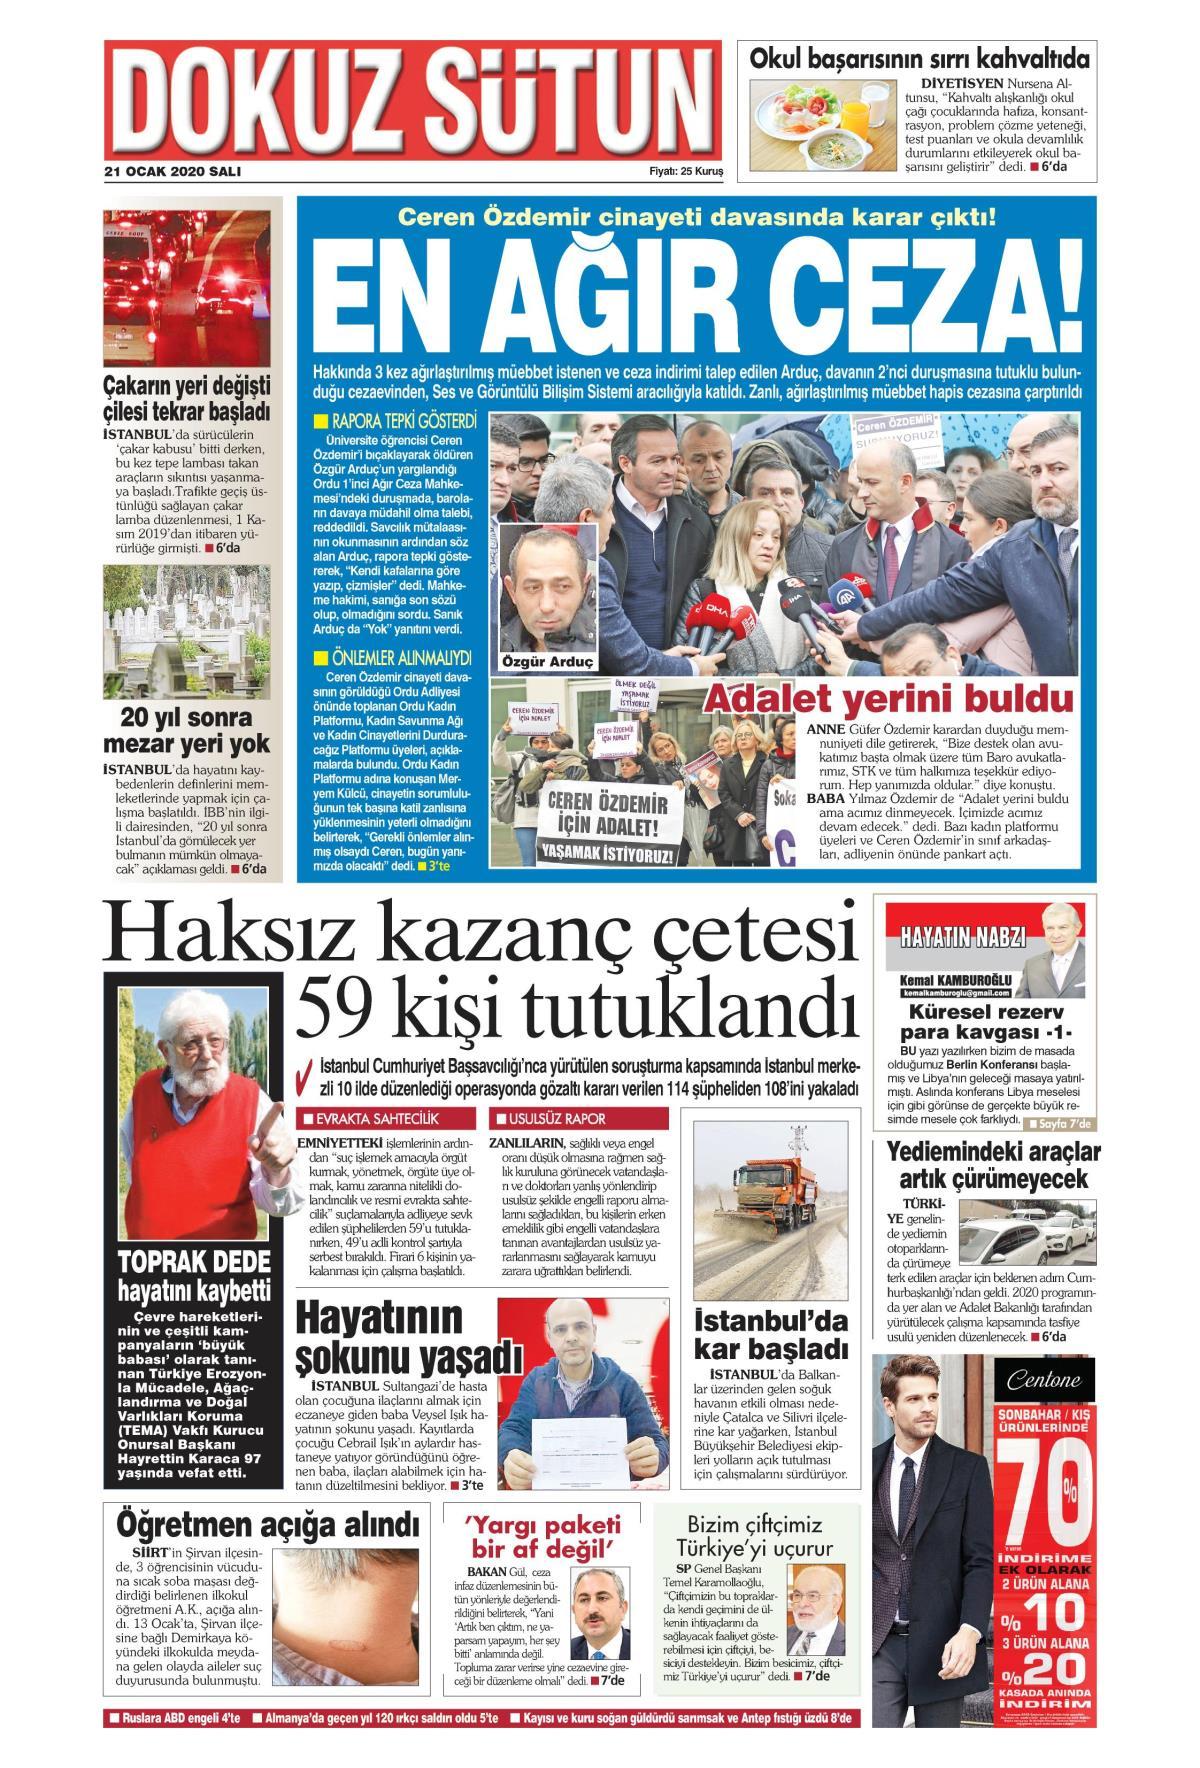 Dokuz Sütun gazetesi manşet ilk sayfa oku